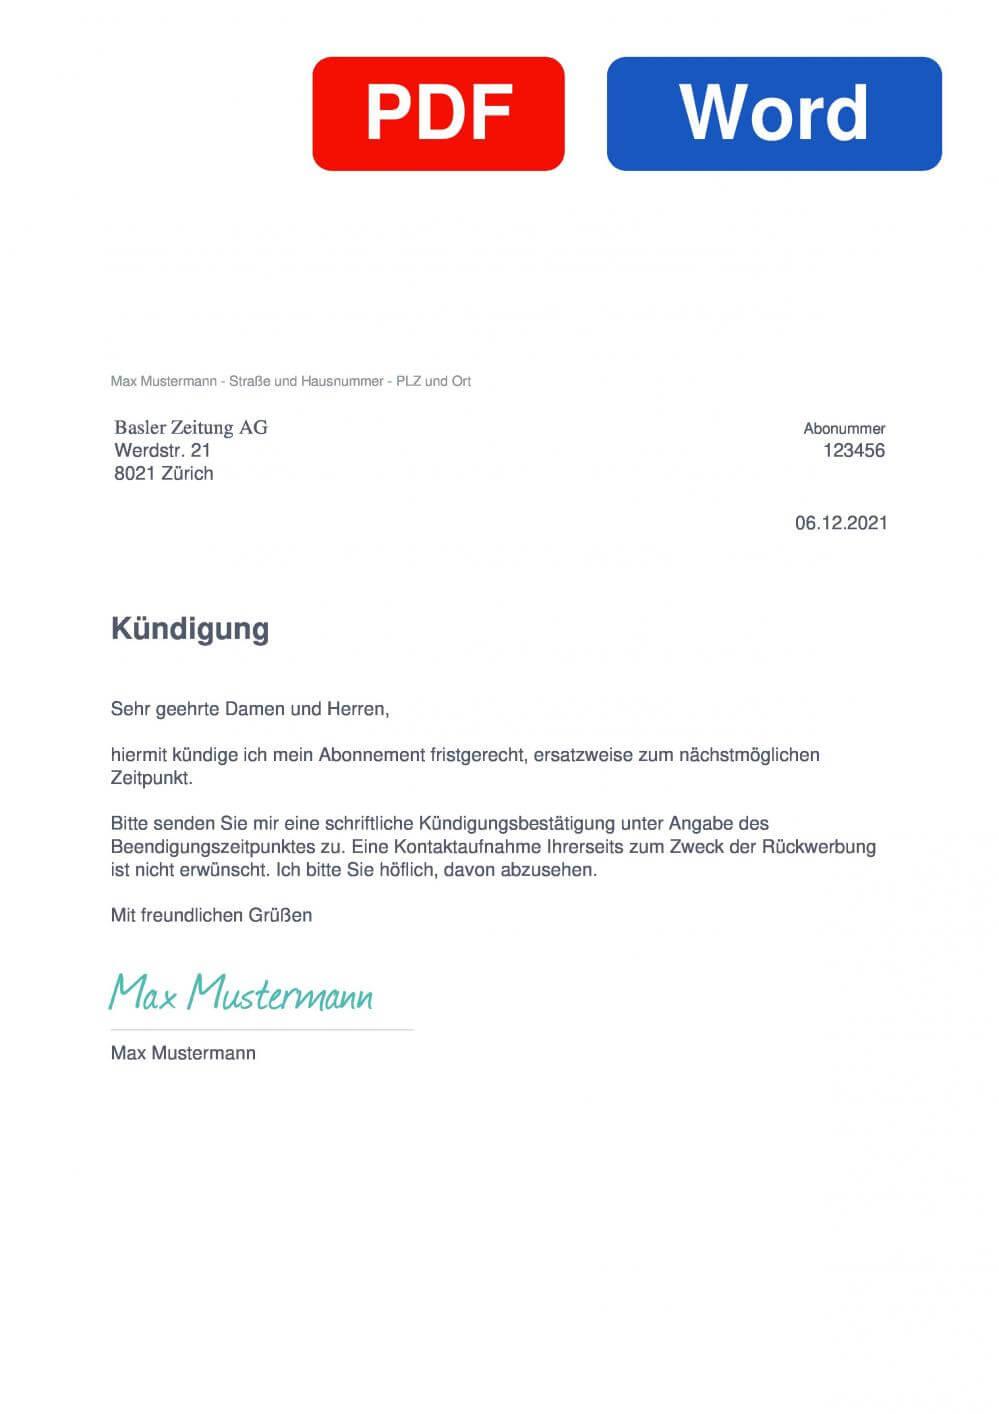 Basler Zeitung Muster Vorlage für Kündigungsschreiben